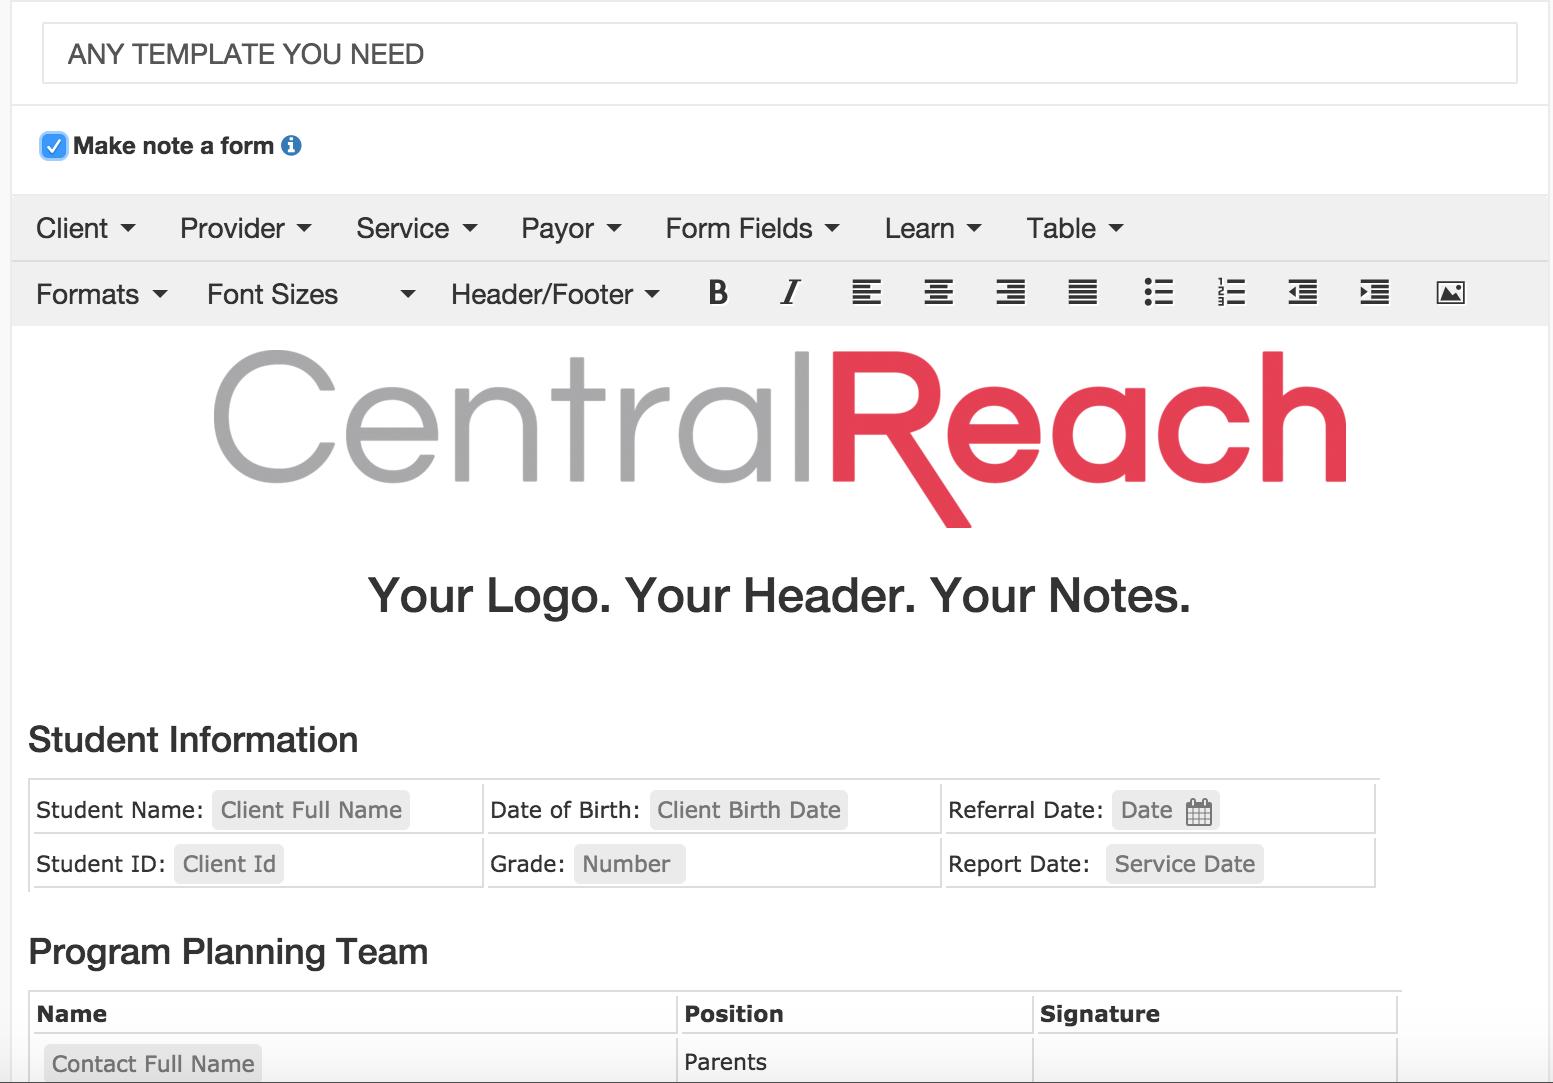 CentralReach - Clinical notes